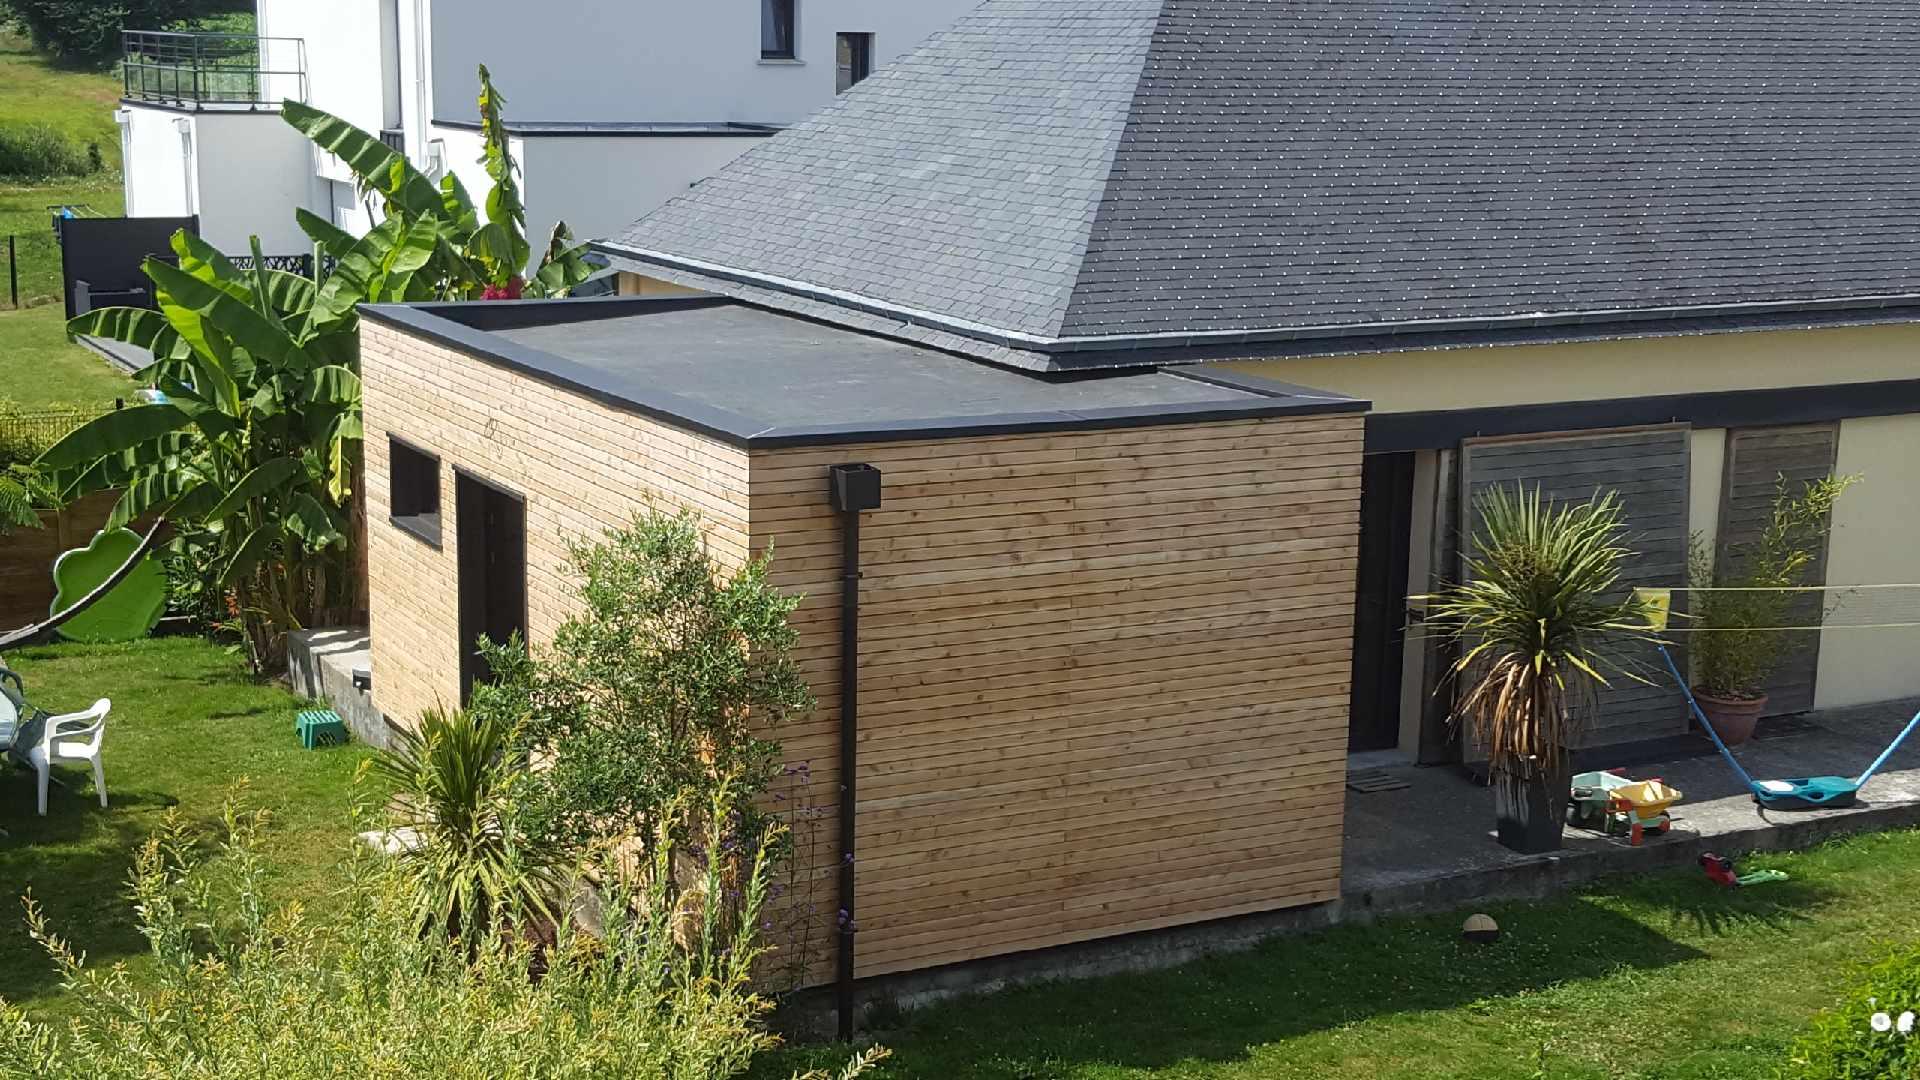 Toit Plat - Epdm - Couverture - Couvreur - Limerzel ... concernant Terrasse Toit Plat